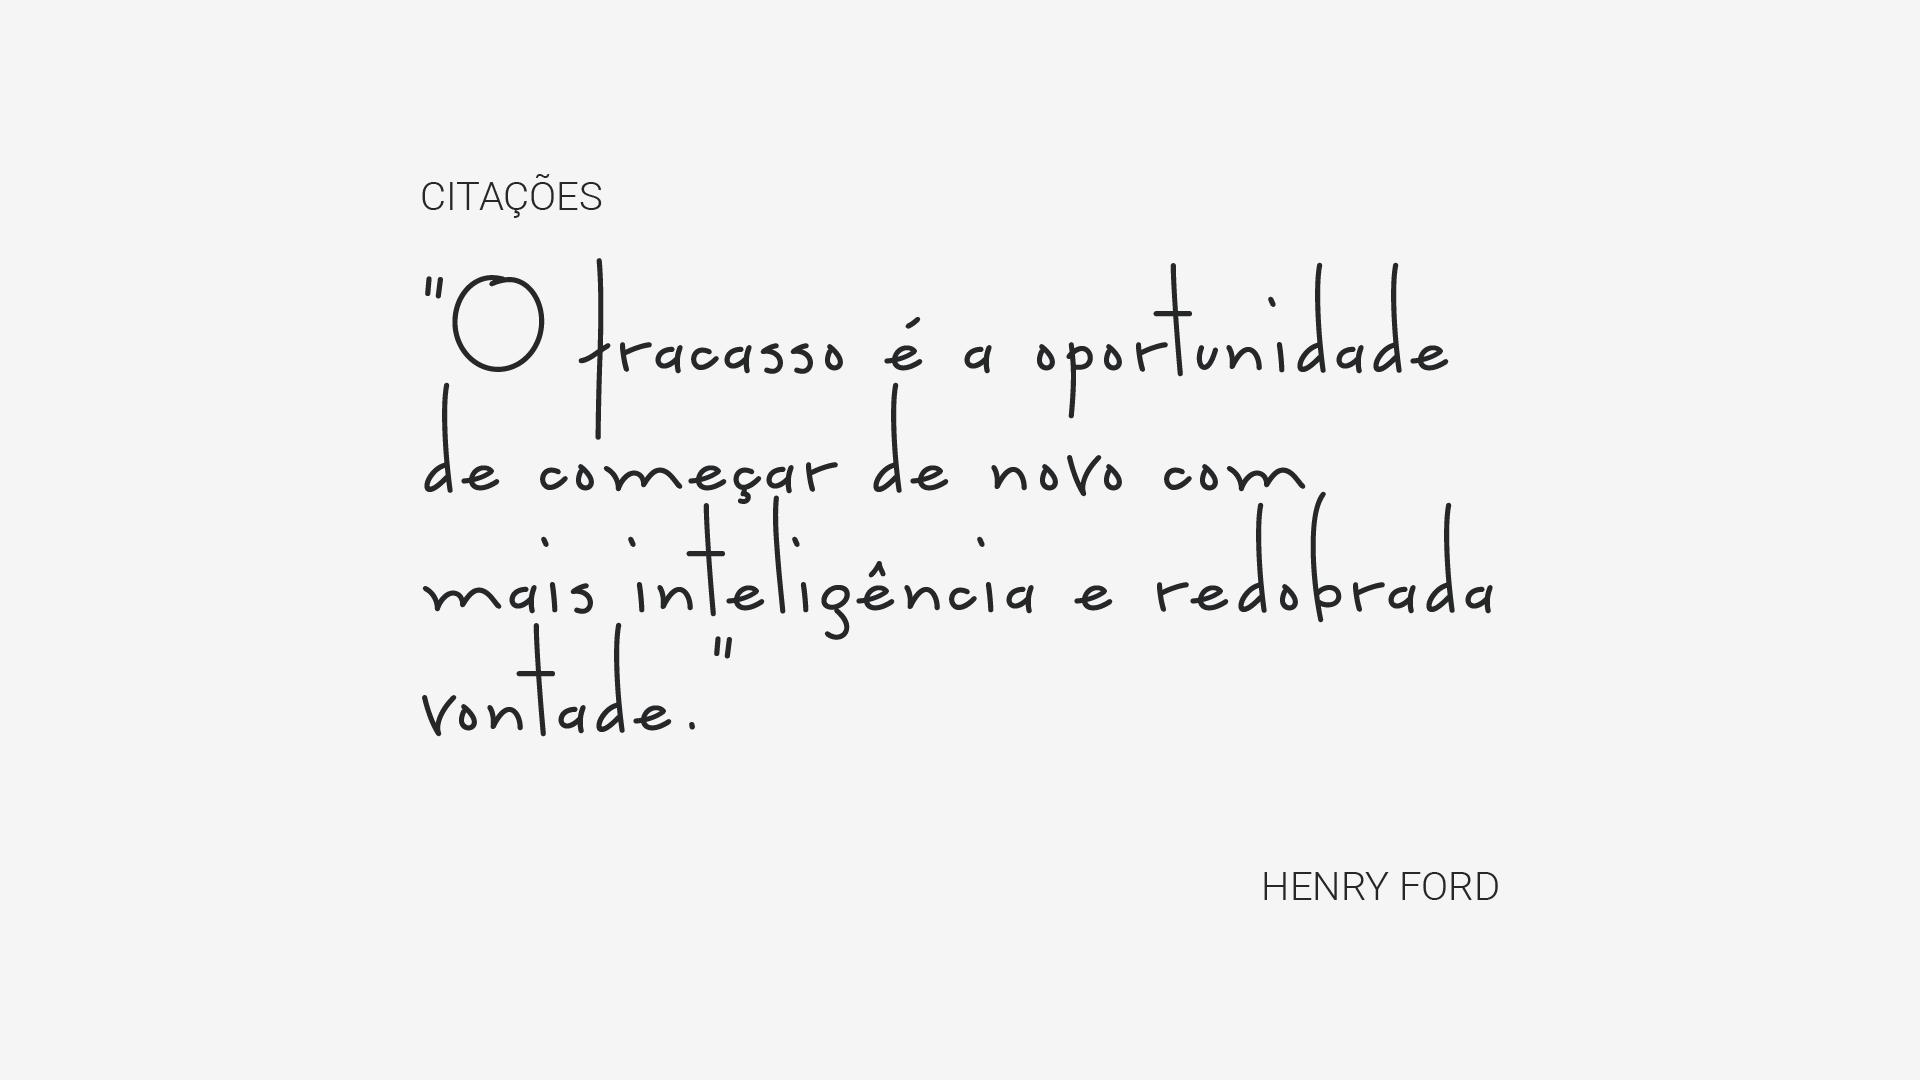 Henry Ford Citações E Frases Que Você Precisa Conhecer 4ed